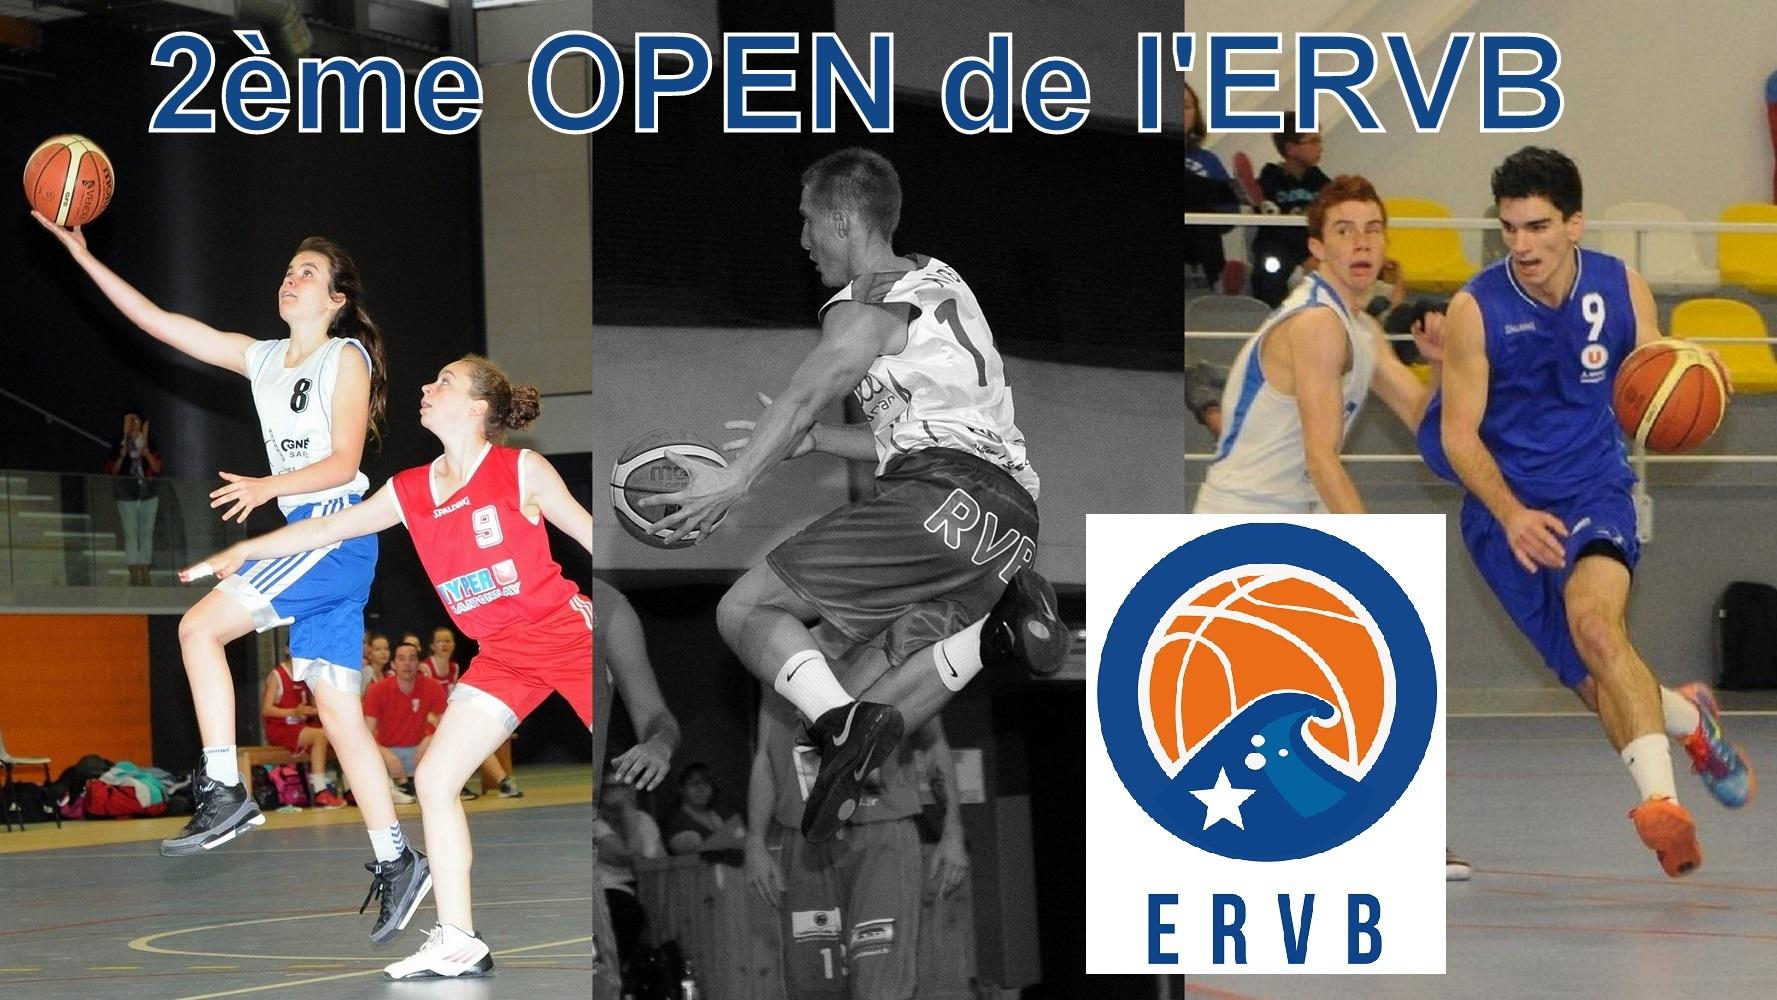 Du 4 au 6 septembre 2015 – 2ème Open de l'ERVB